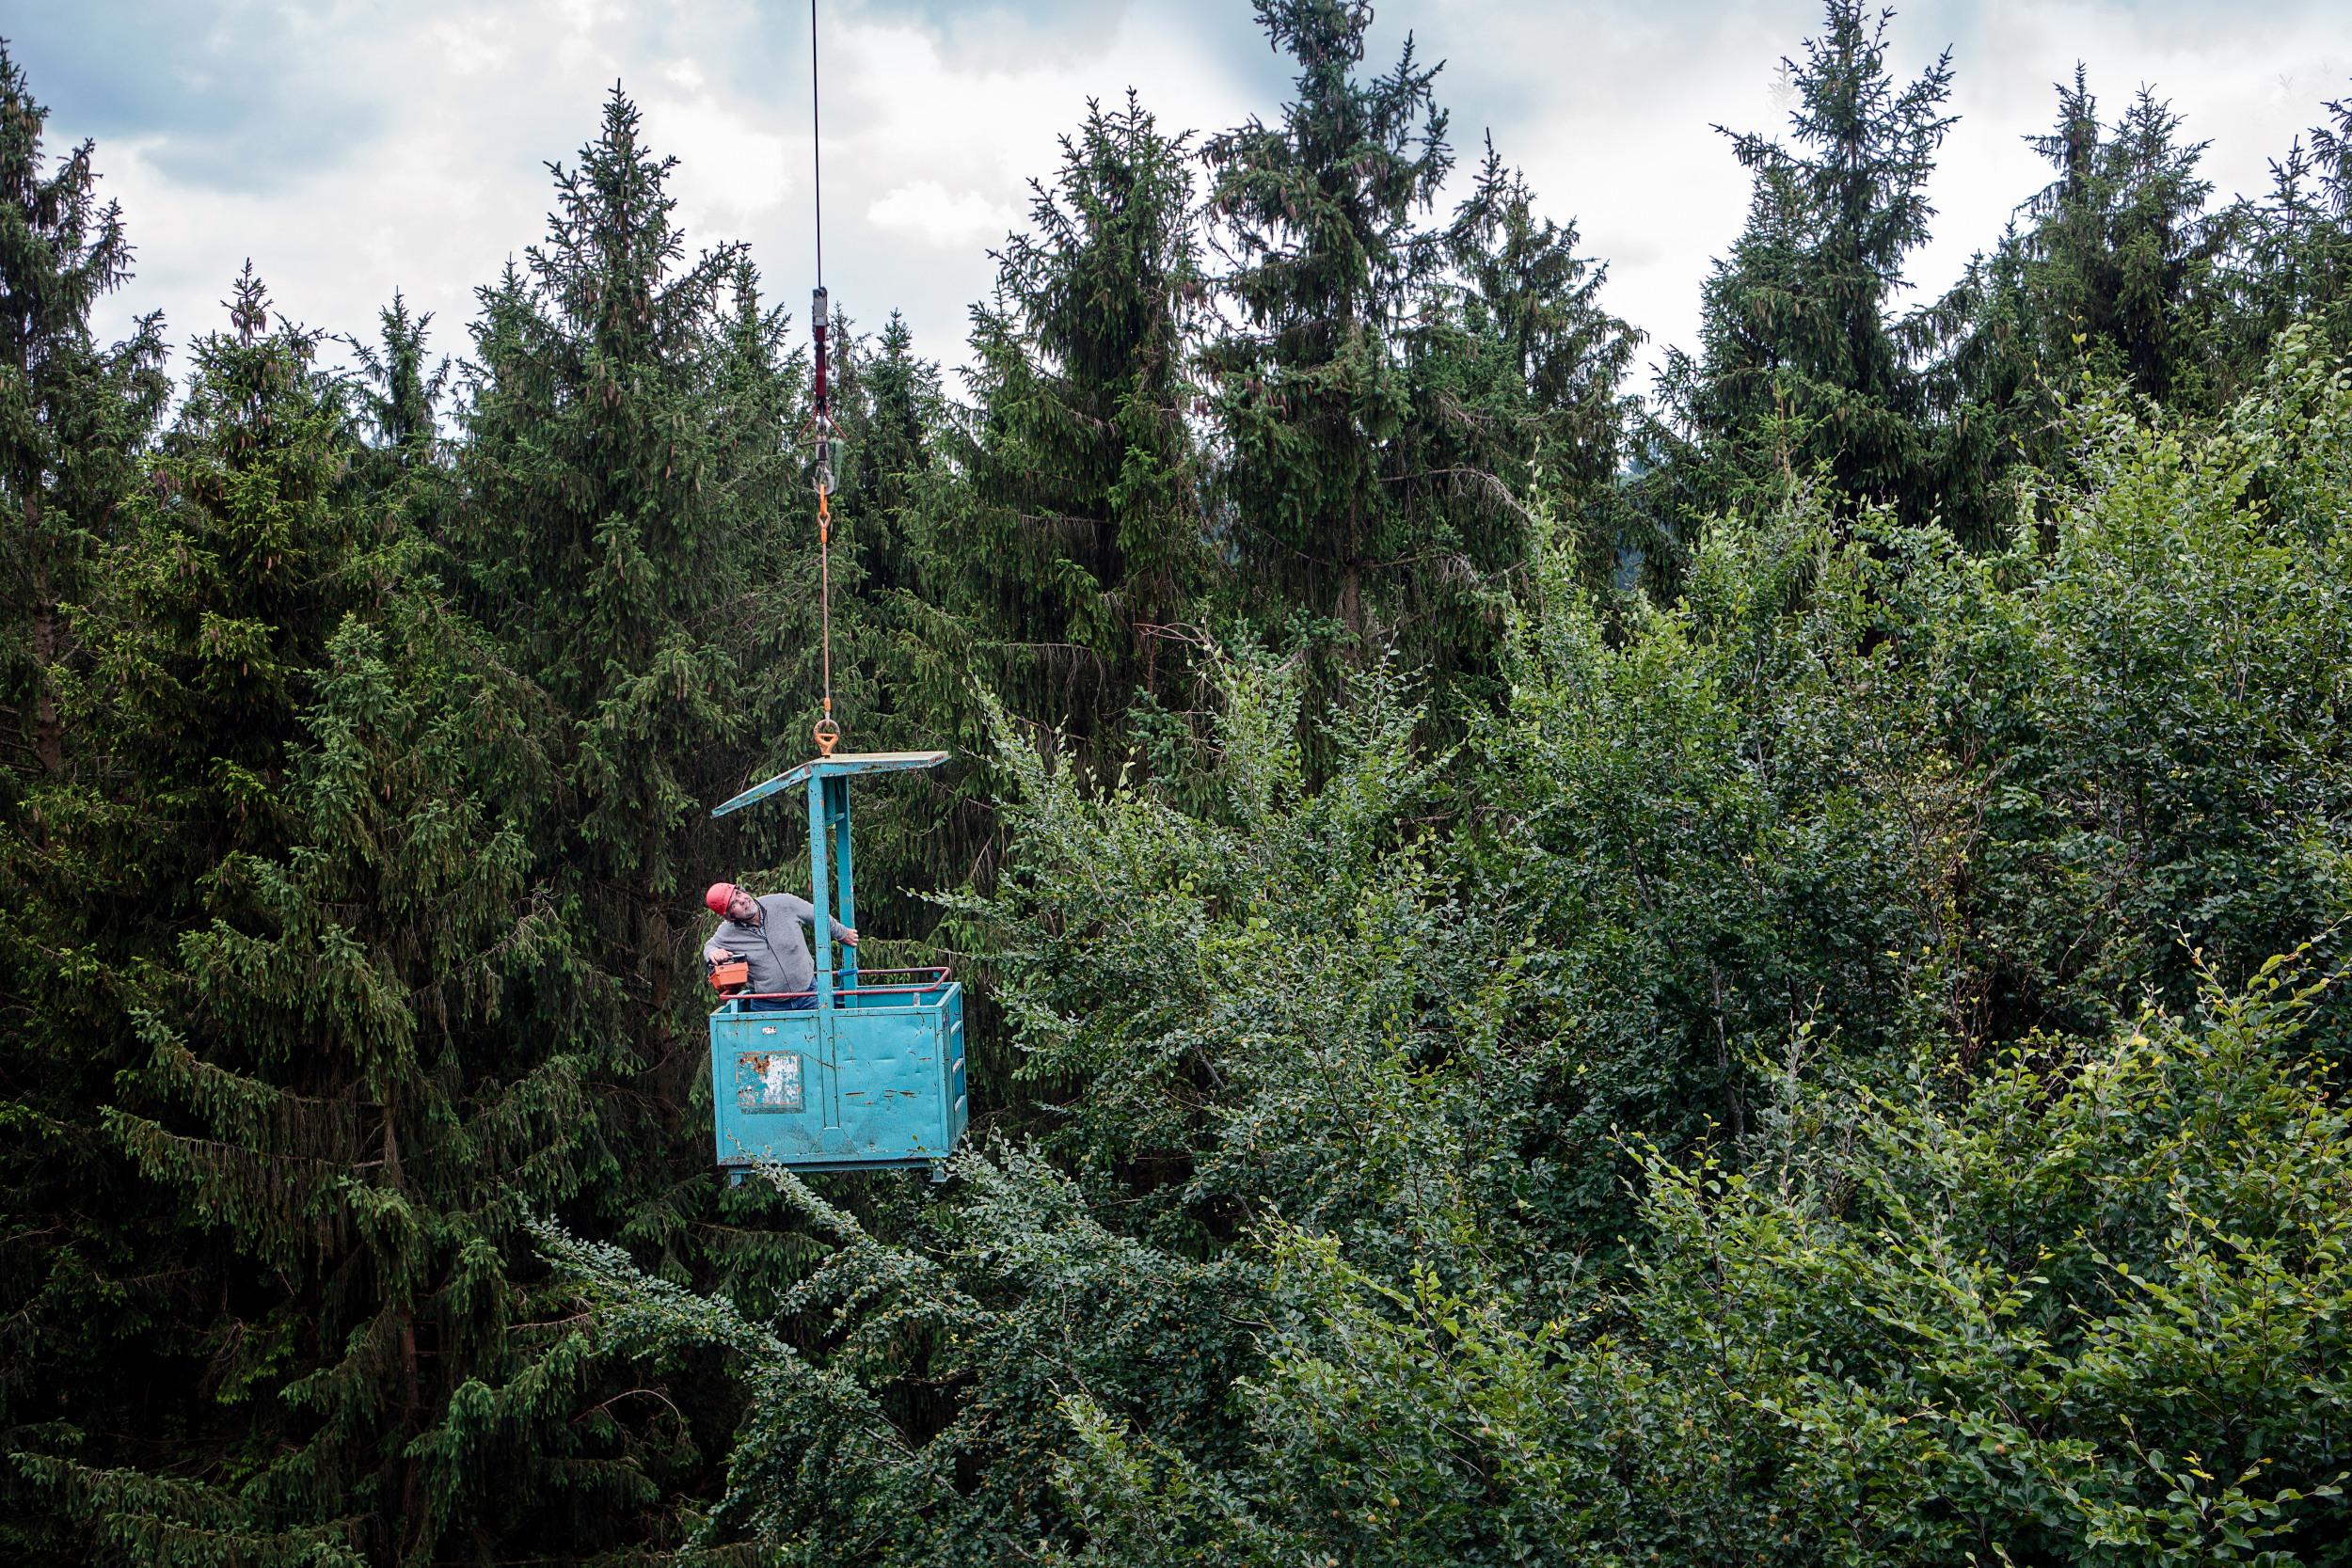 ZWISCHEN DEN WIPFELN Thorsten Gramsist auf dem Weg in die Wipfel des Kranzberger Forstes, wo ein Baukran die Erkundung der Baumkronen ermöglicht